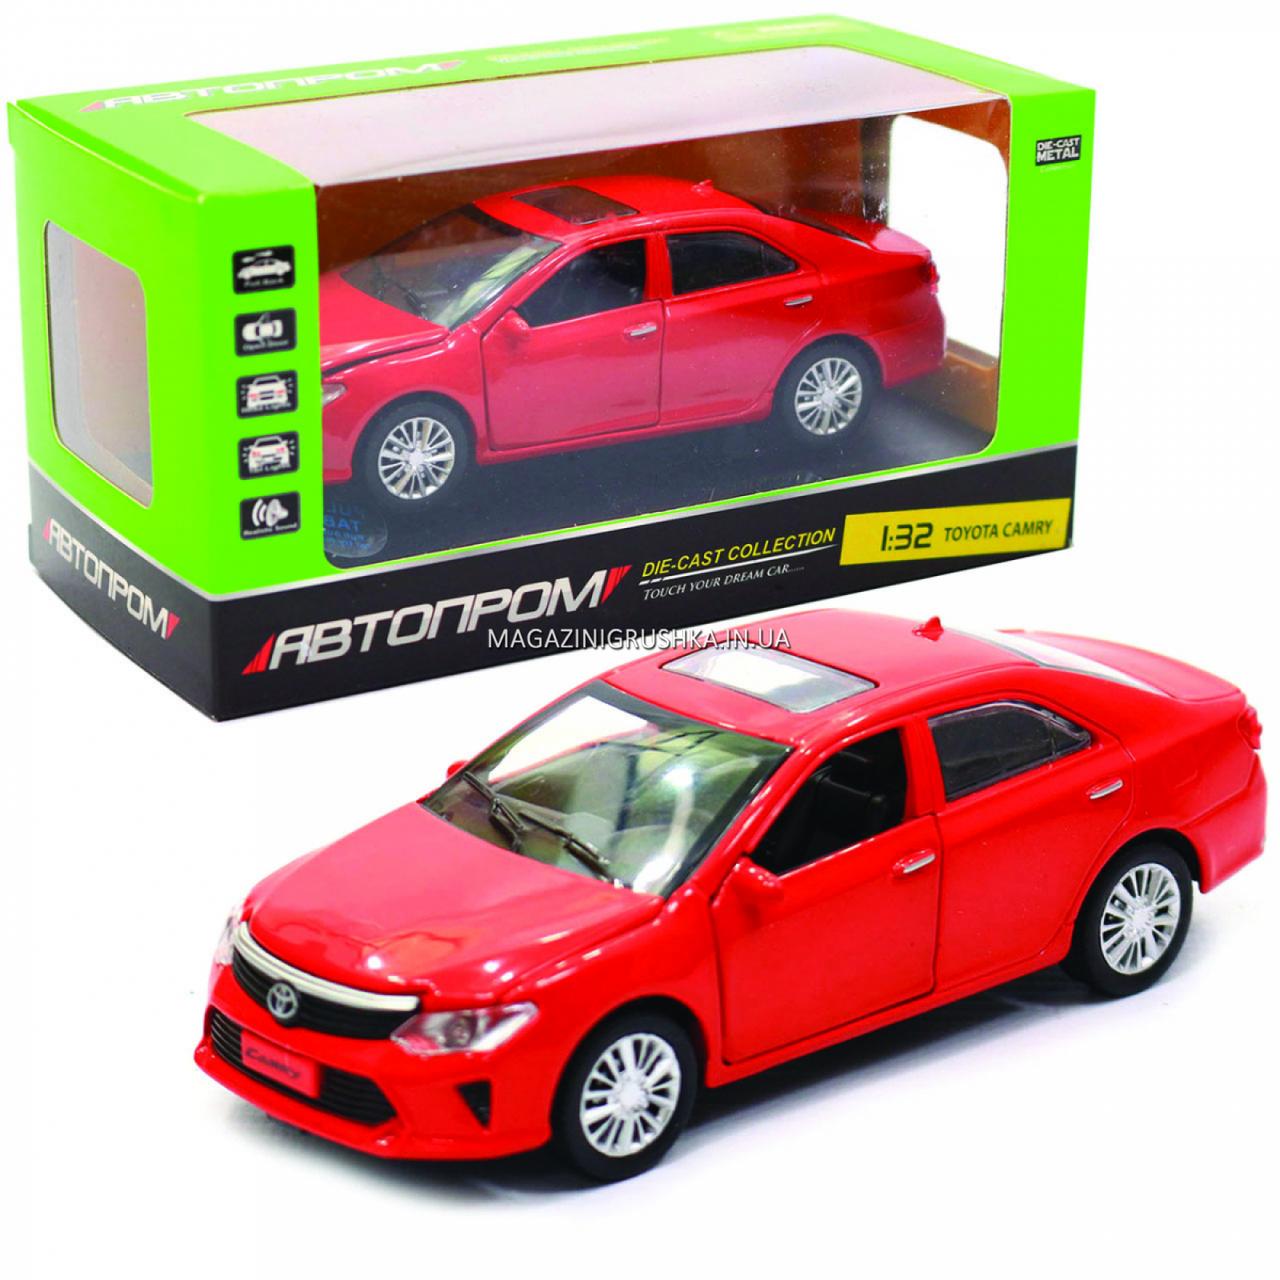 Машинка ігрова автопром «Toyota Camry» Тойота, червона, метал, 14 см, (світло, звук, двері відкриваються) 7814